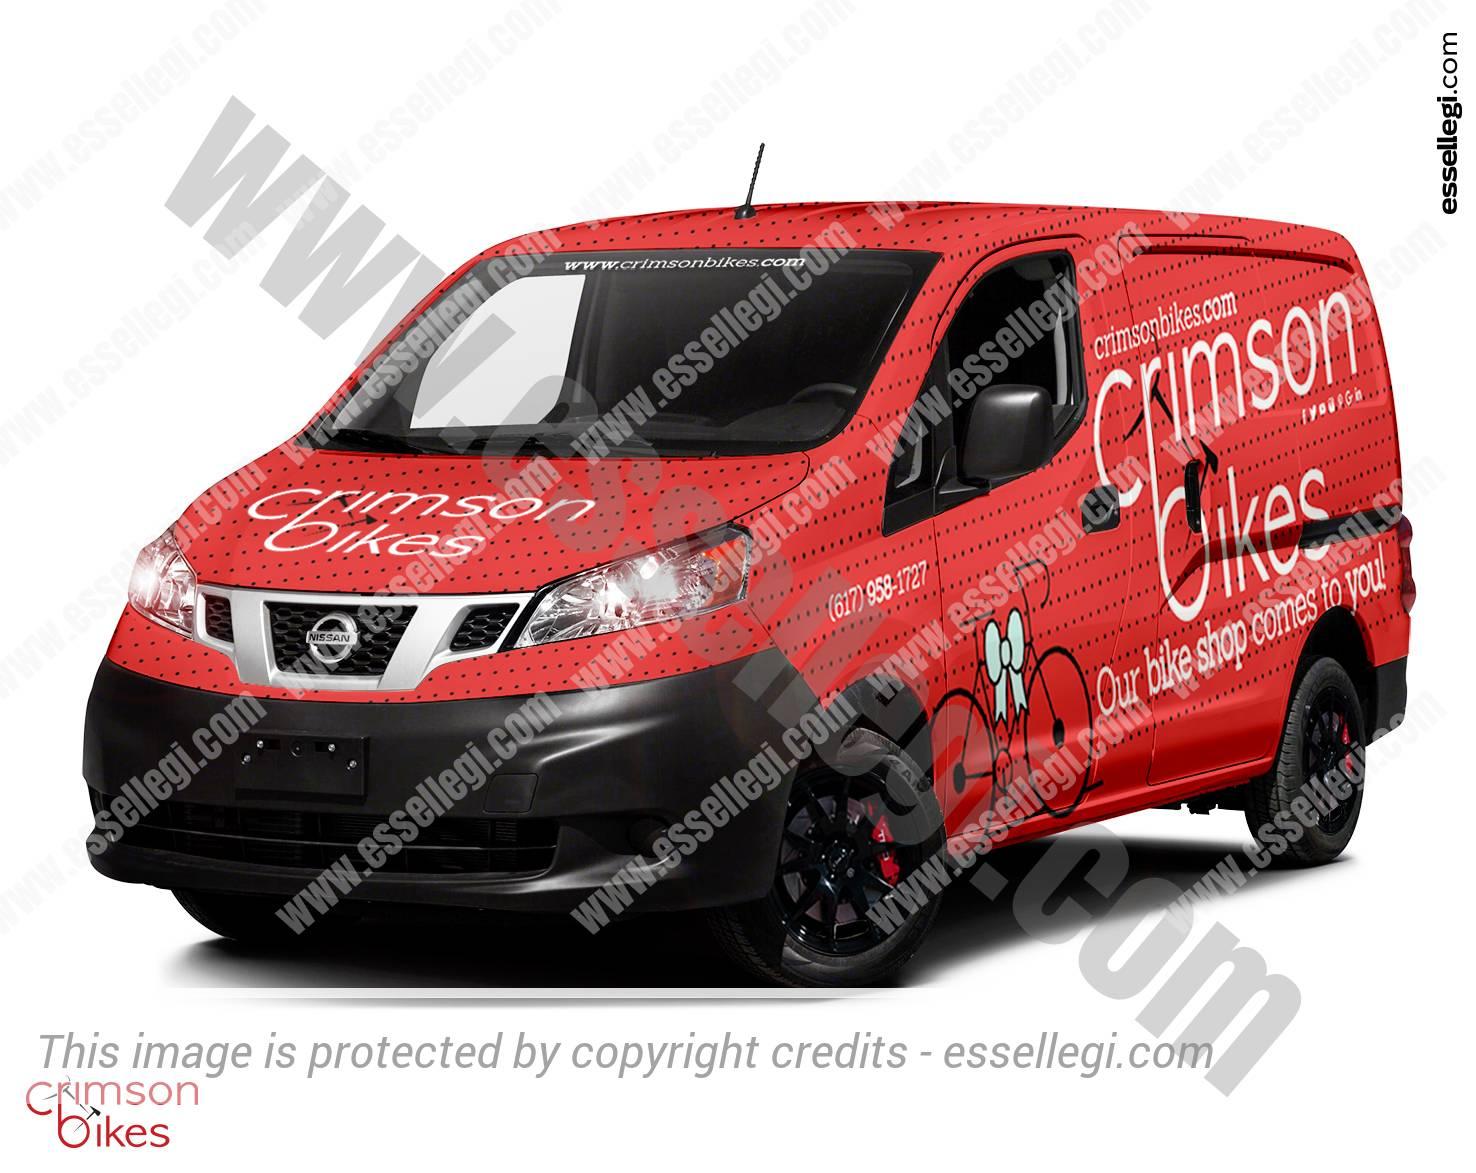 Nissan NV200 - Van Wrap Design by Essellegi. Van Signs, Van Signage, Van Wrapping, Van Signwriting, Van Wrap Designer, Signs for Van, Van Logo by Essellegi.